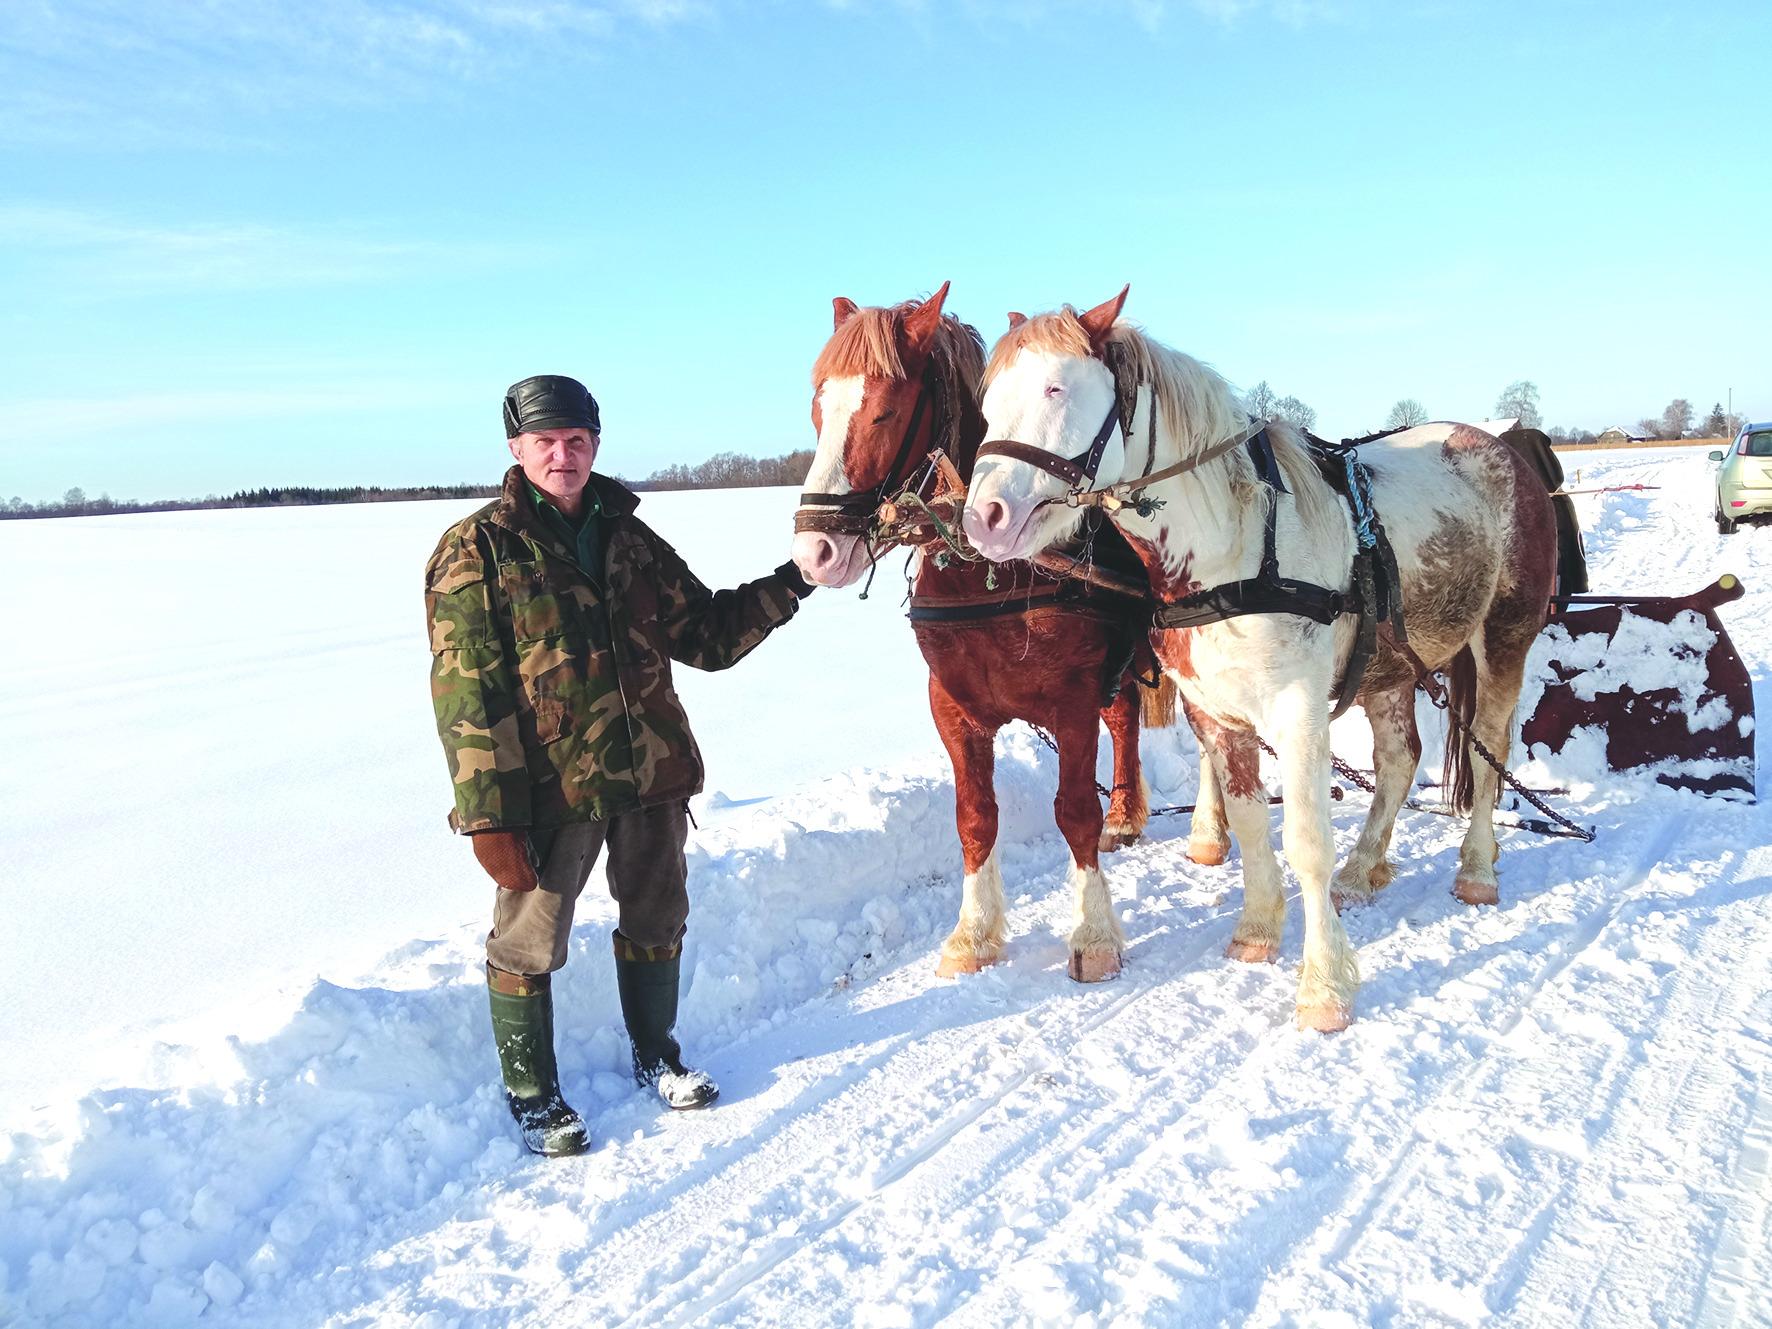 Vyriškis dėsto, kad padedamas arklių atlieka visus ūkio darbus. Jo kieme yra ir dešimtys įvairiausių senovinių padargų, kurie skirti dirbti būtent su arkliais